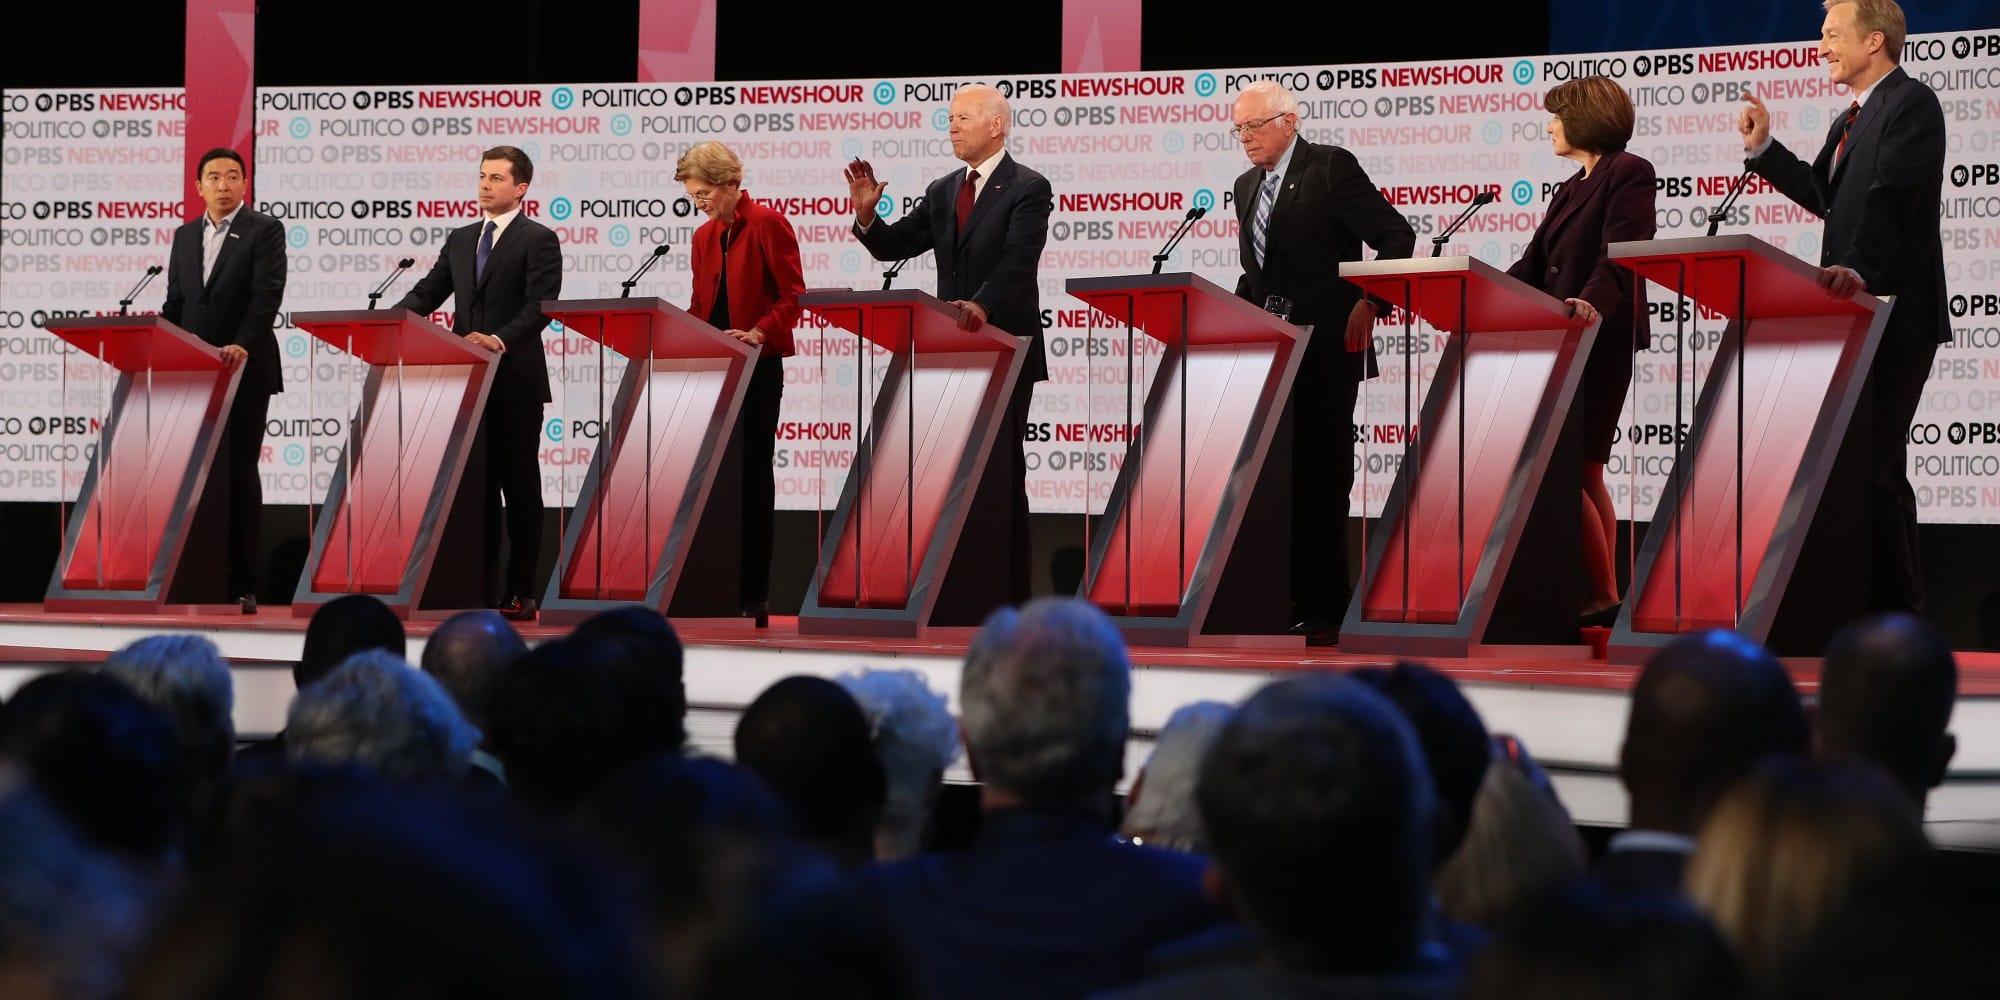 debate-12.19.19.jpg